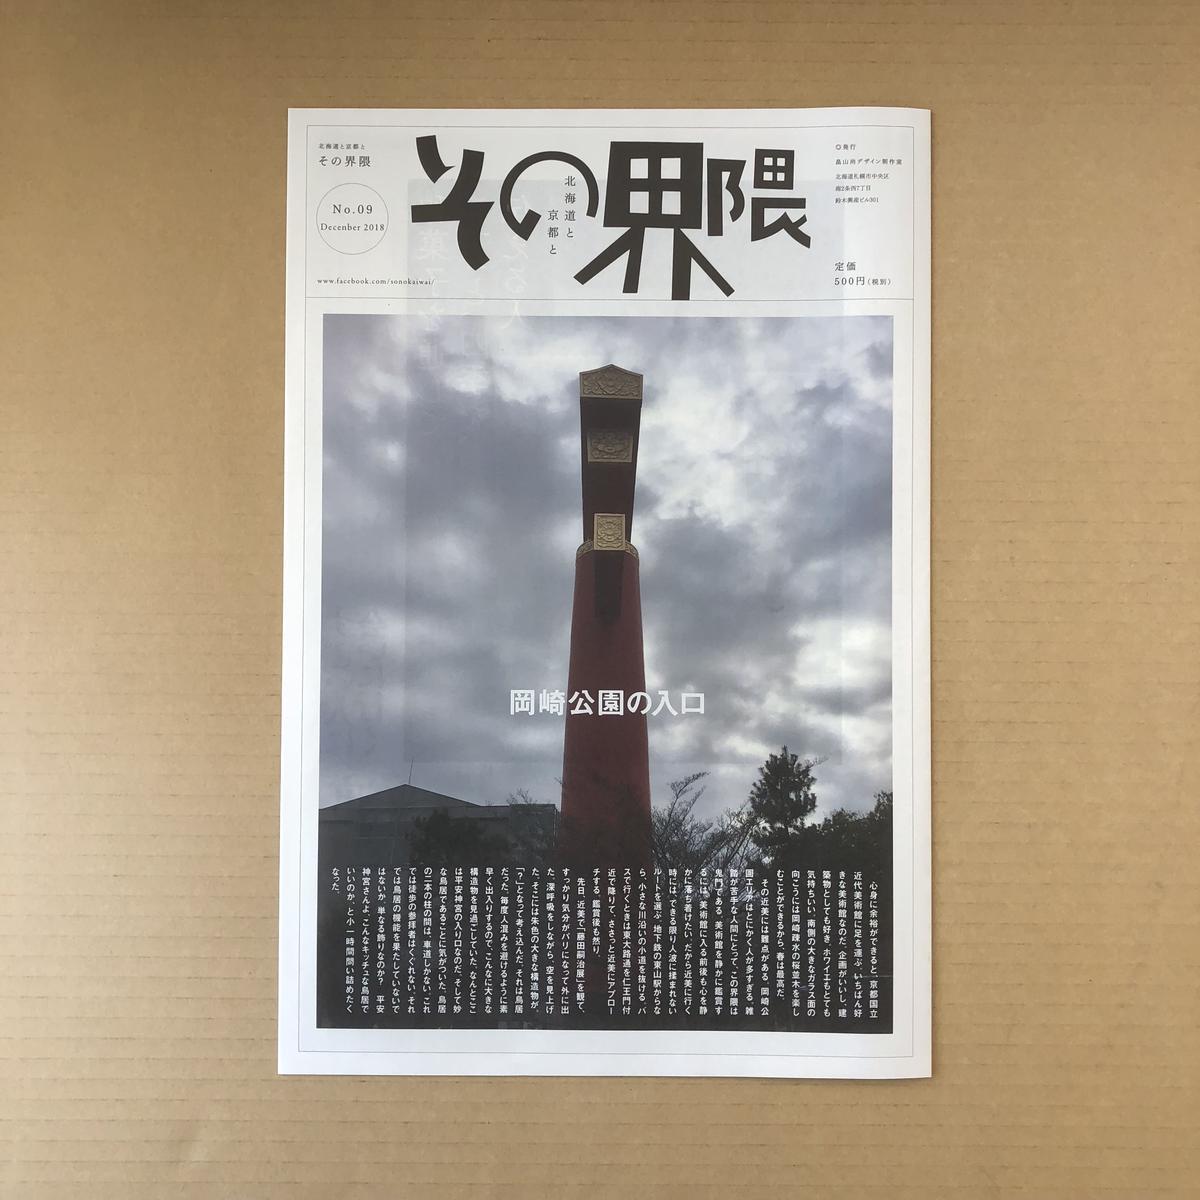 ng-non-bindable>北海道と京都とその界隈 第9号 | HH DESIGN